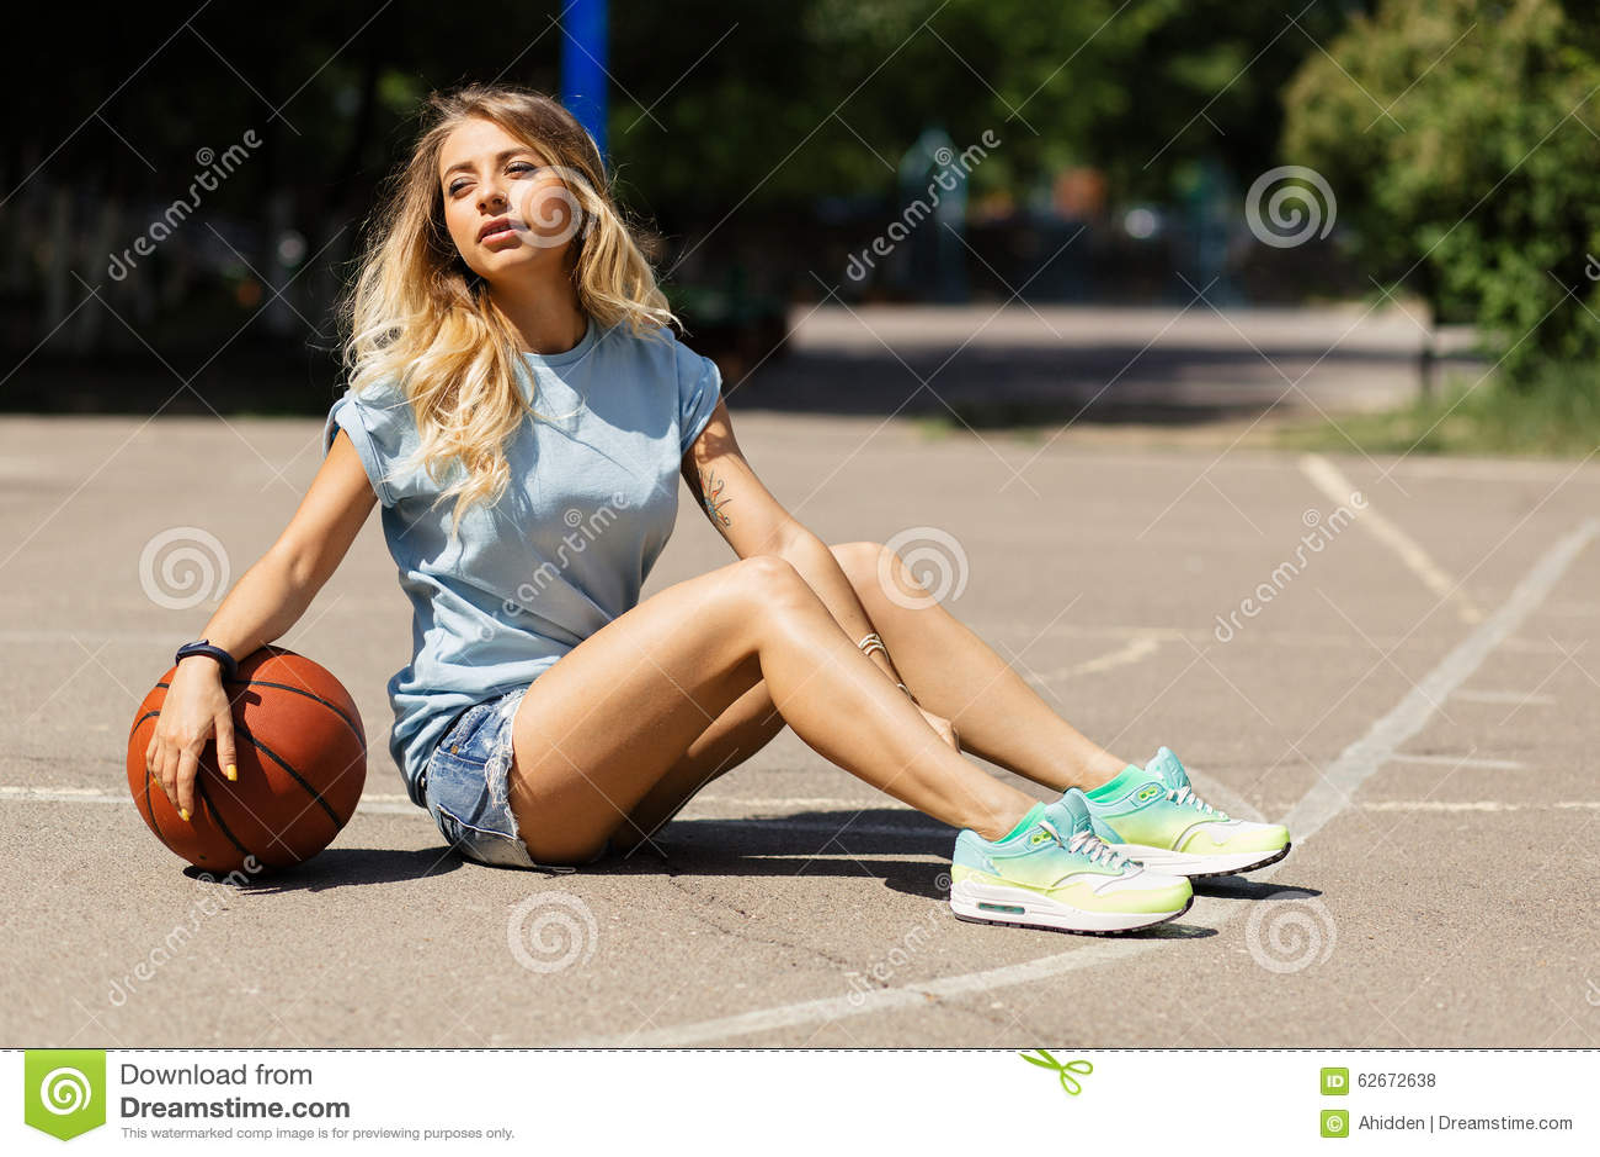 Форум баскетбол девушки сексуальные фото